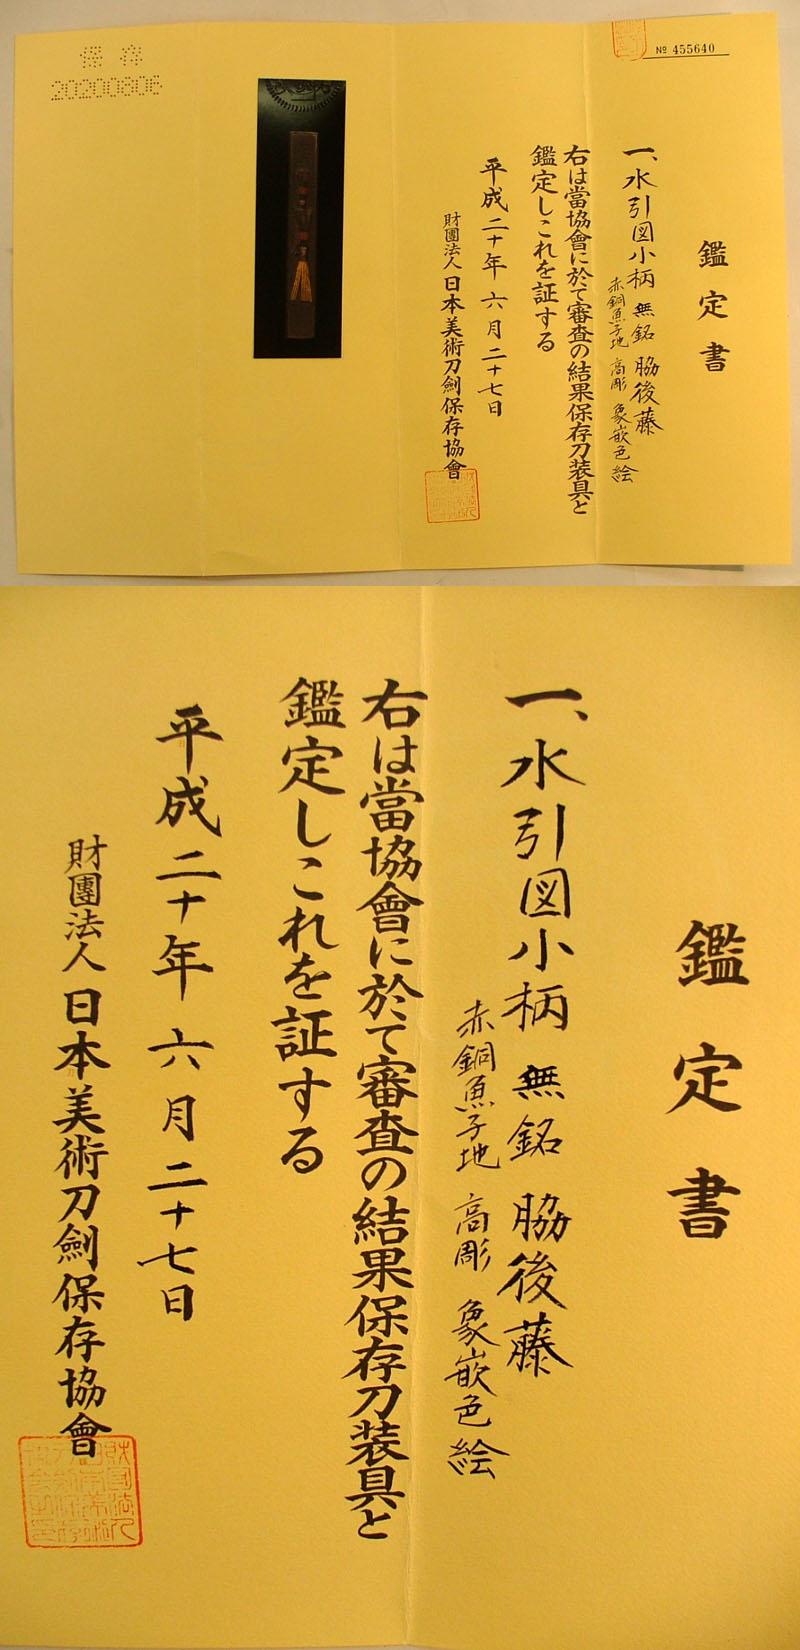 水引図小柄 無銘 脇後藤 Picture of Certificate